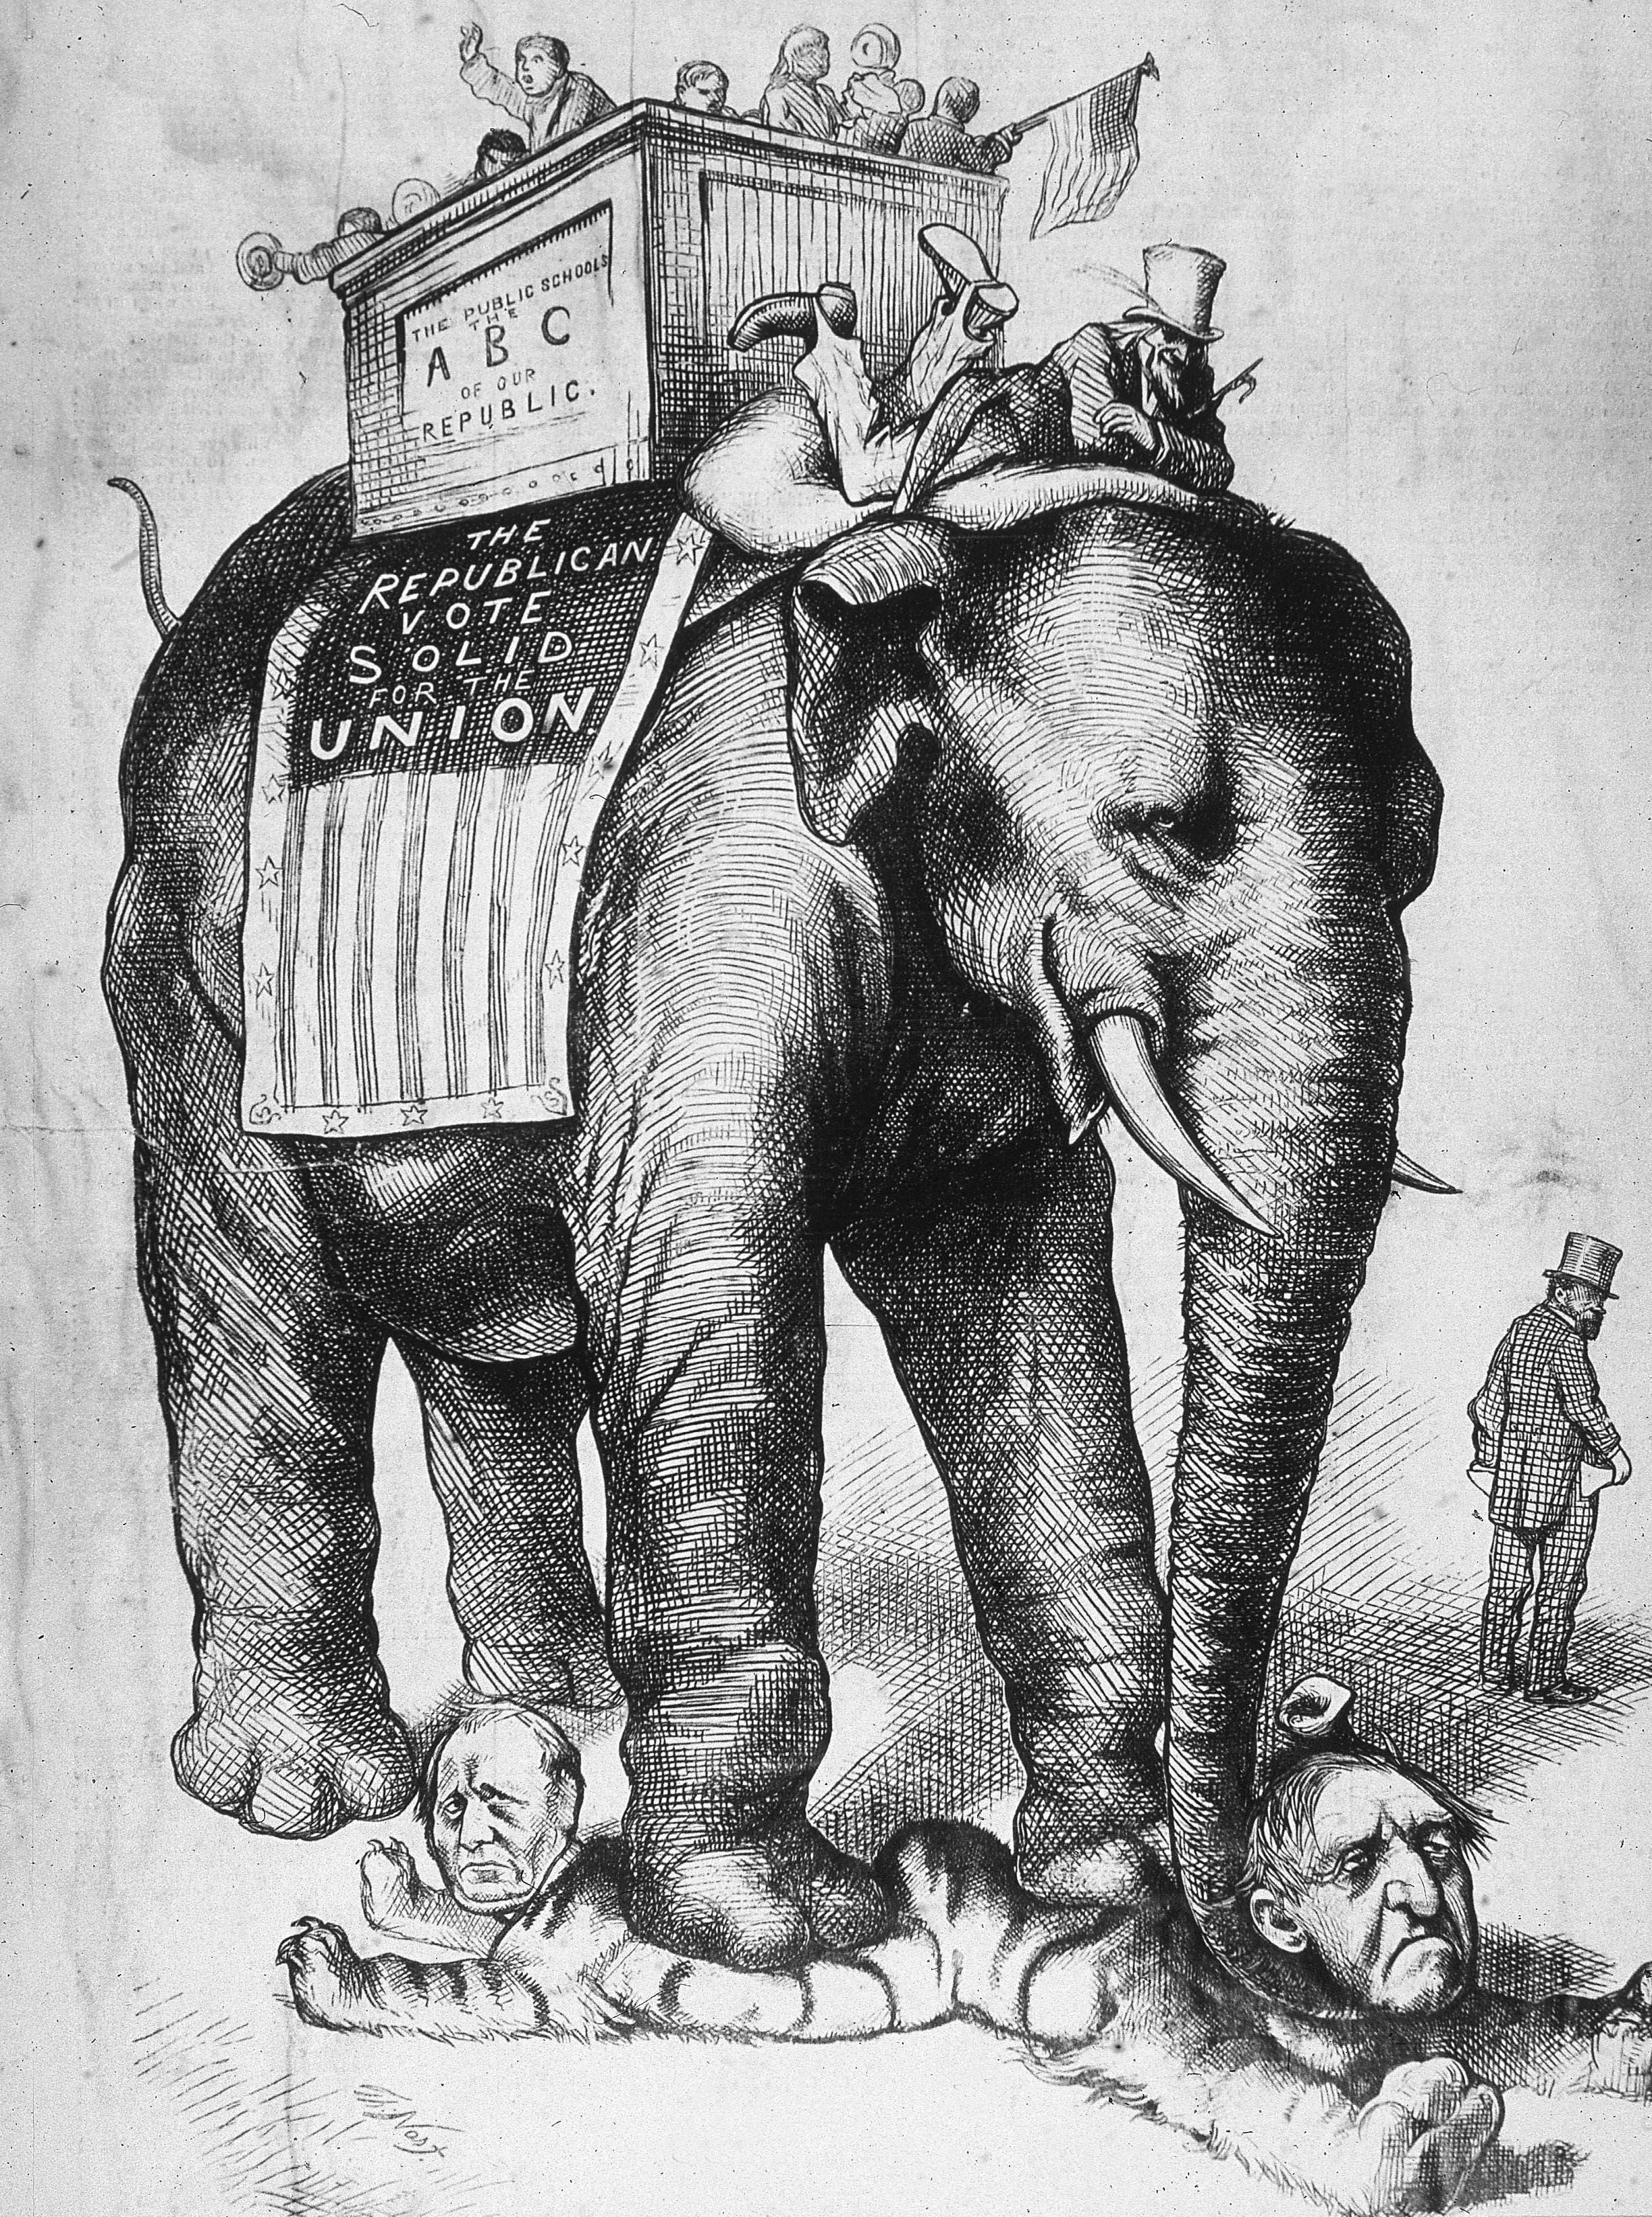 العم سام ممتطيا الفيل الجمهوري الذي يدوس بقدميه على عدد من السياسيين الديمقراطيين